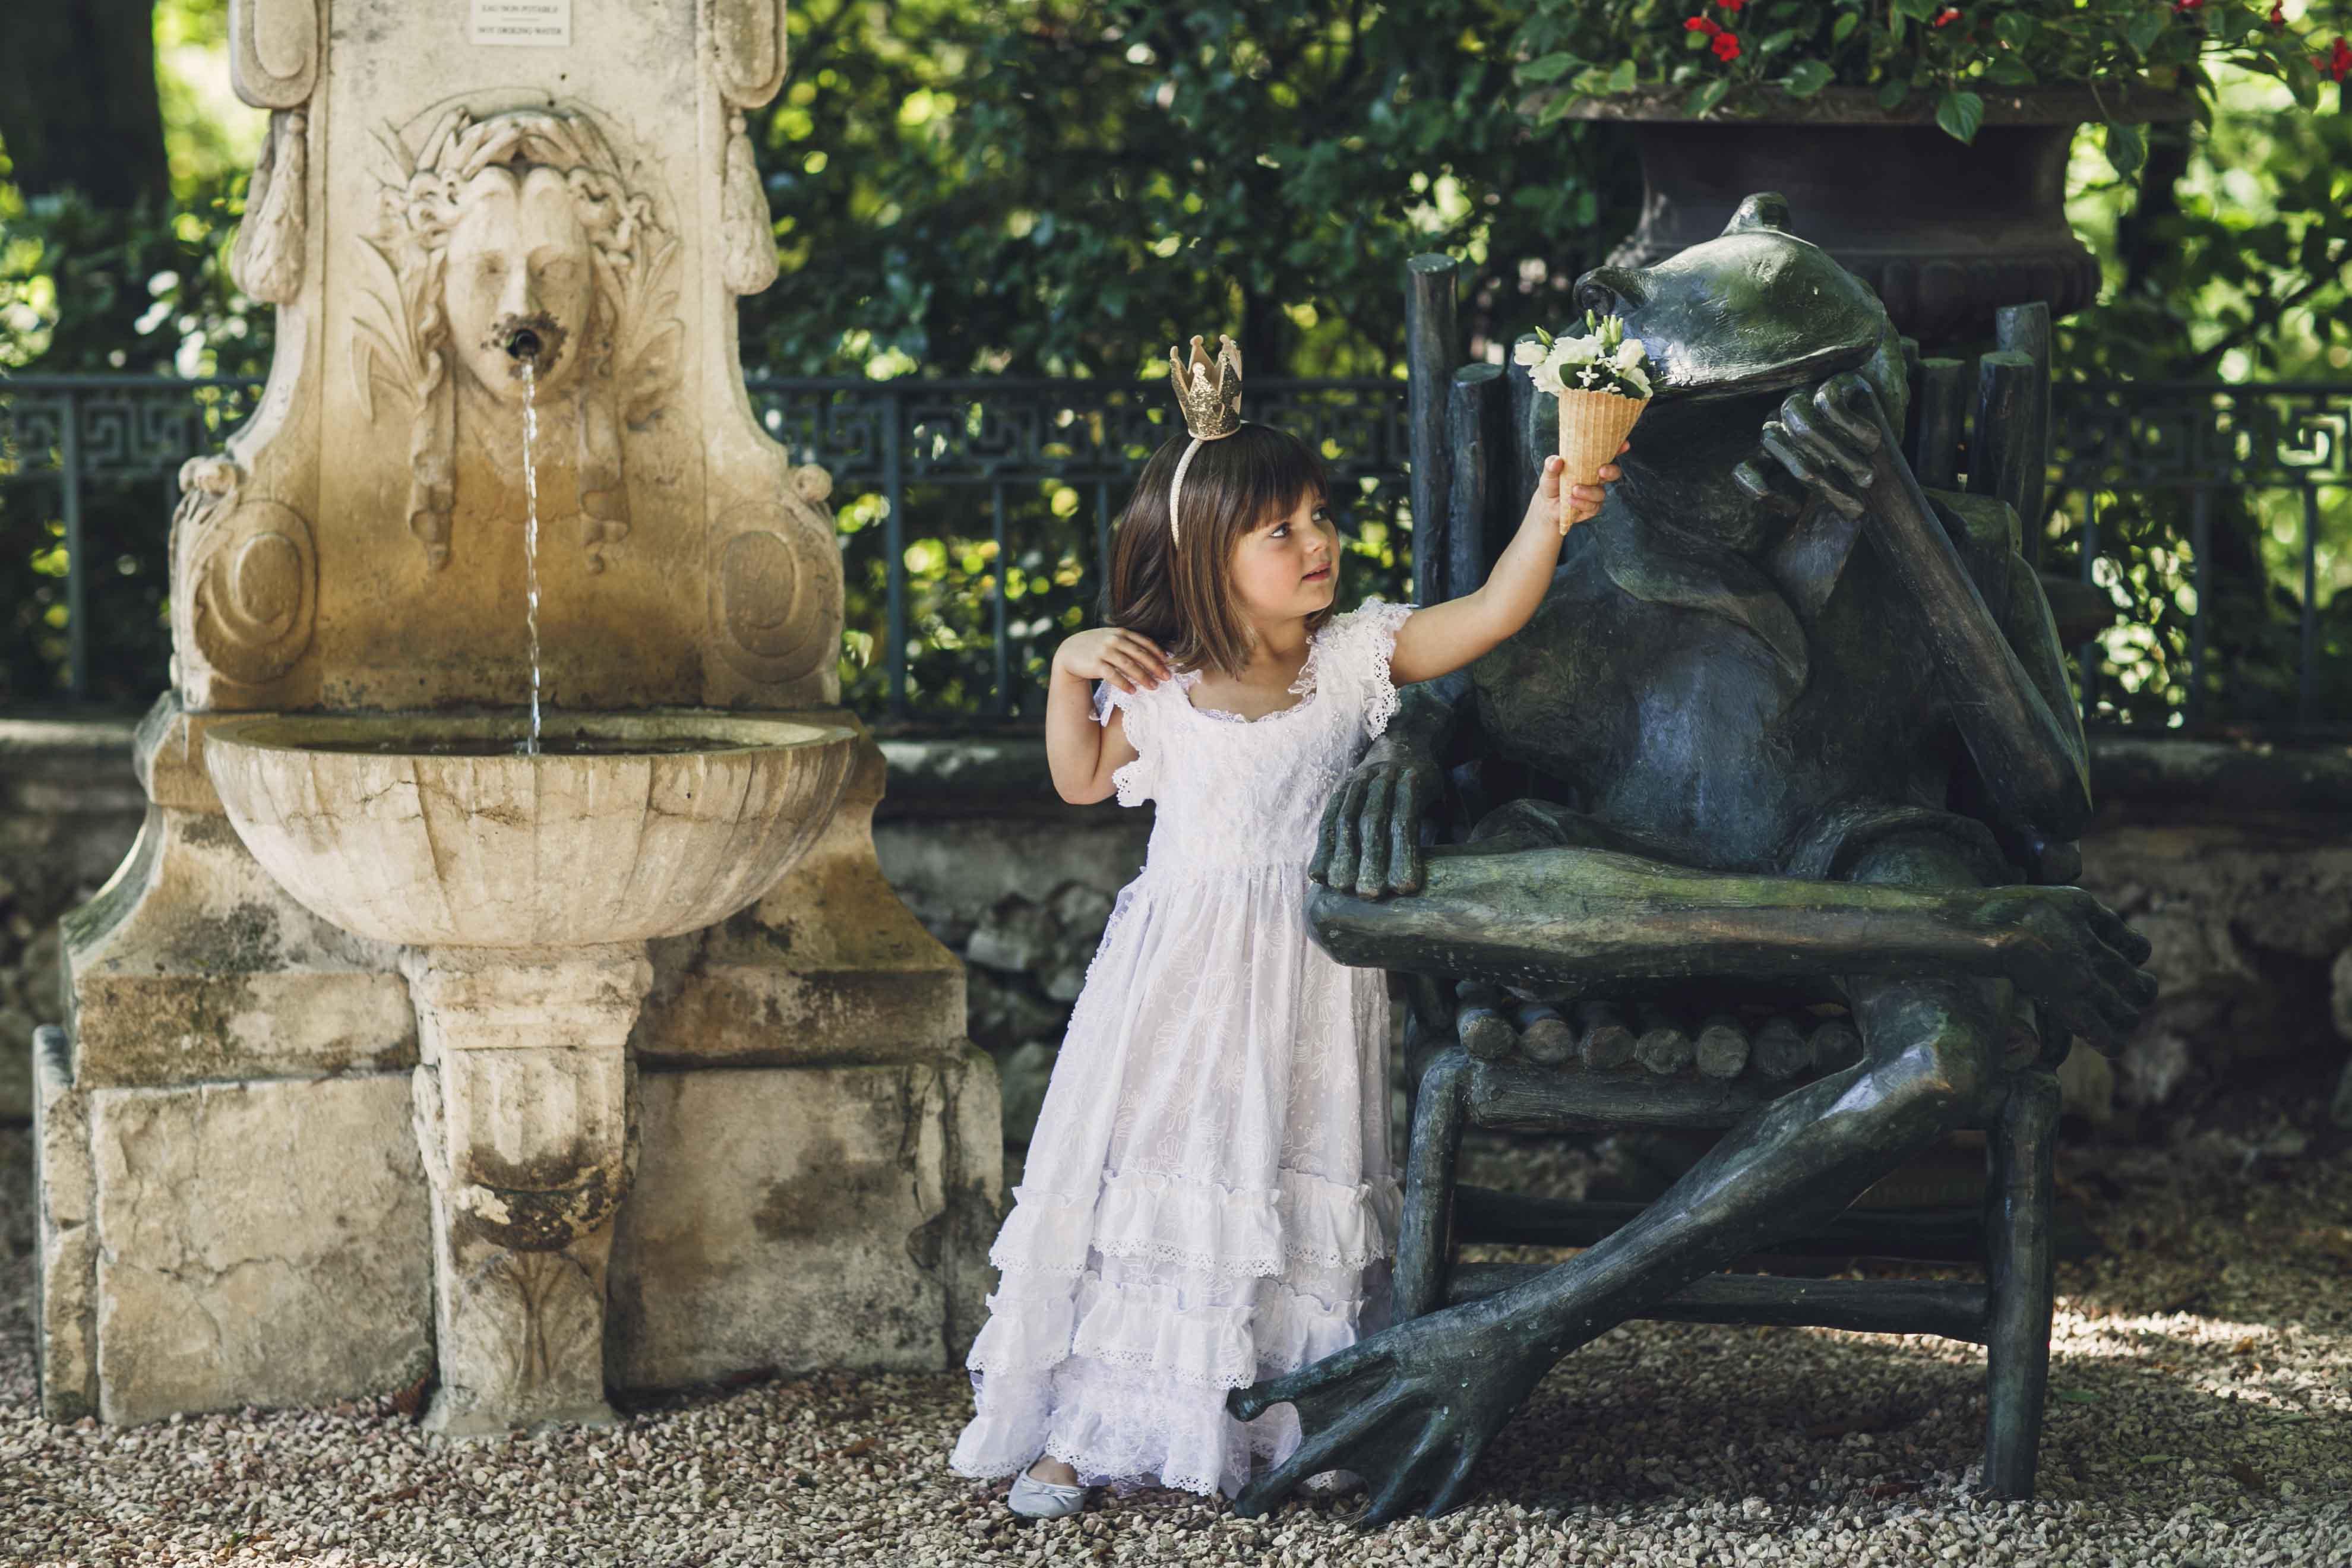 daniel-pelcat-photographe-mariage-0128